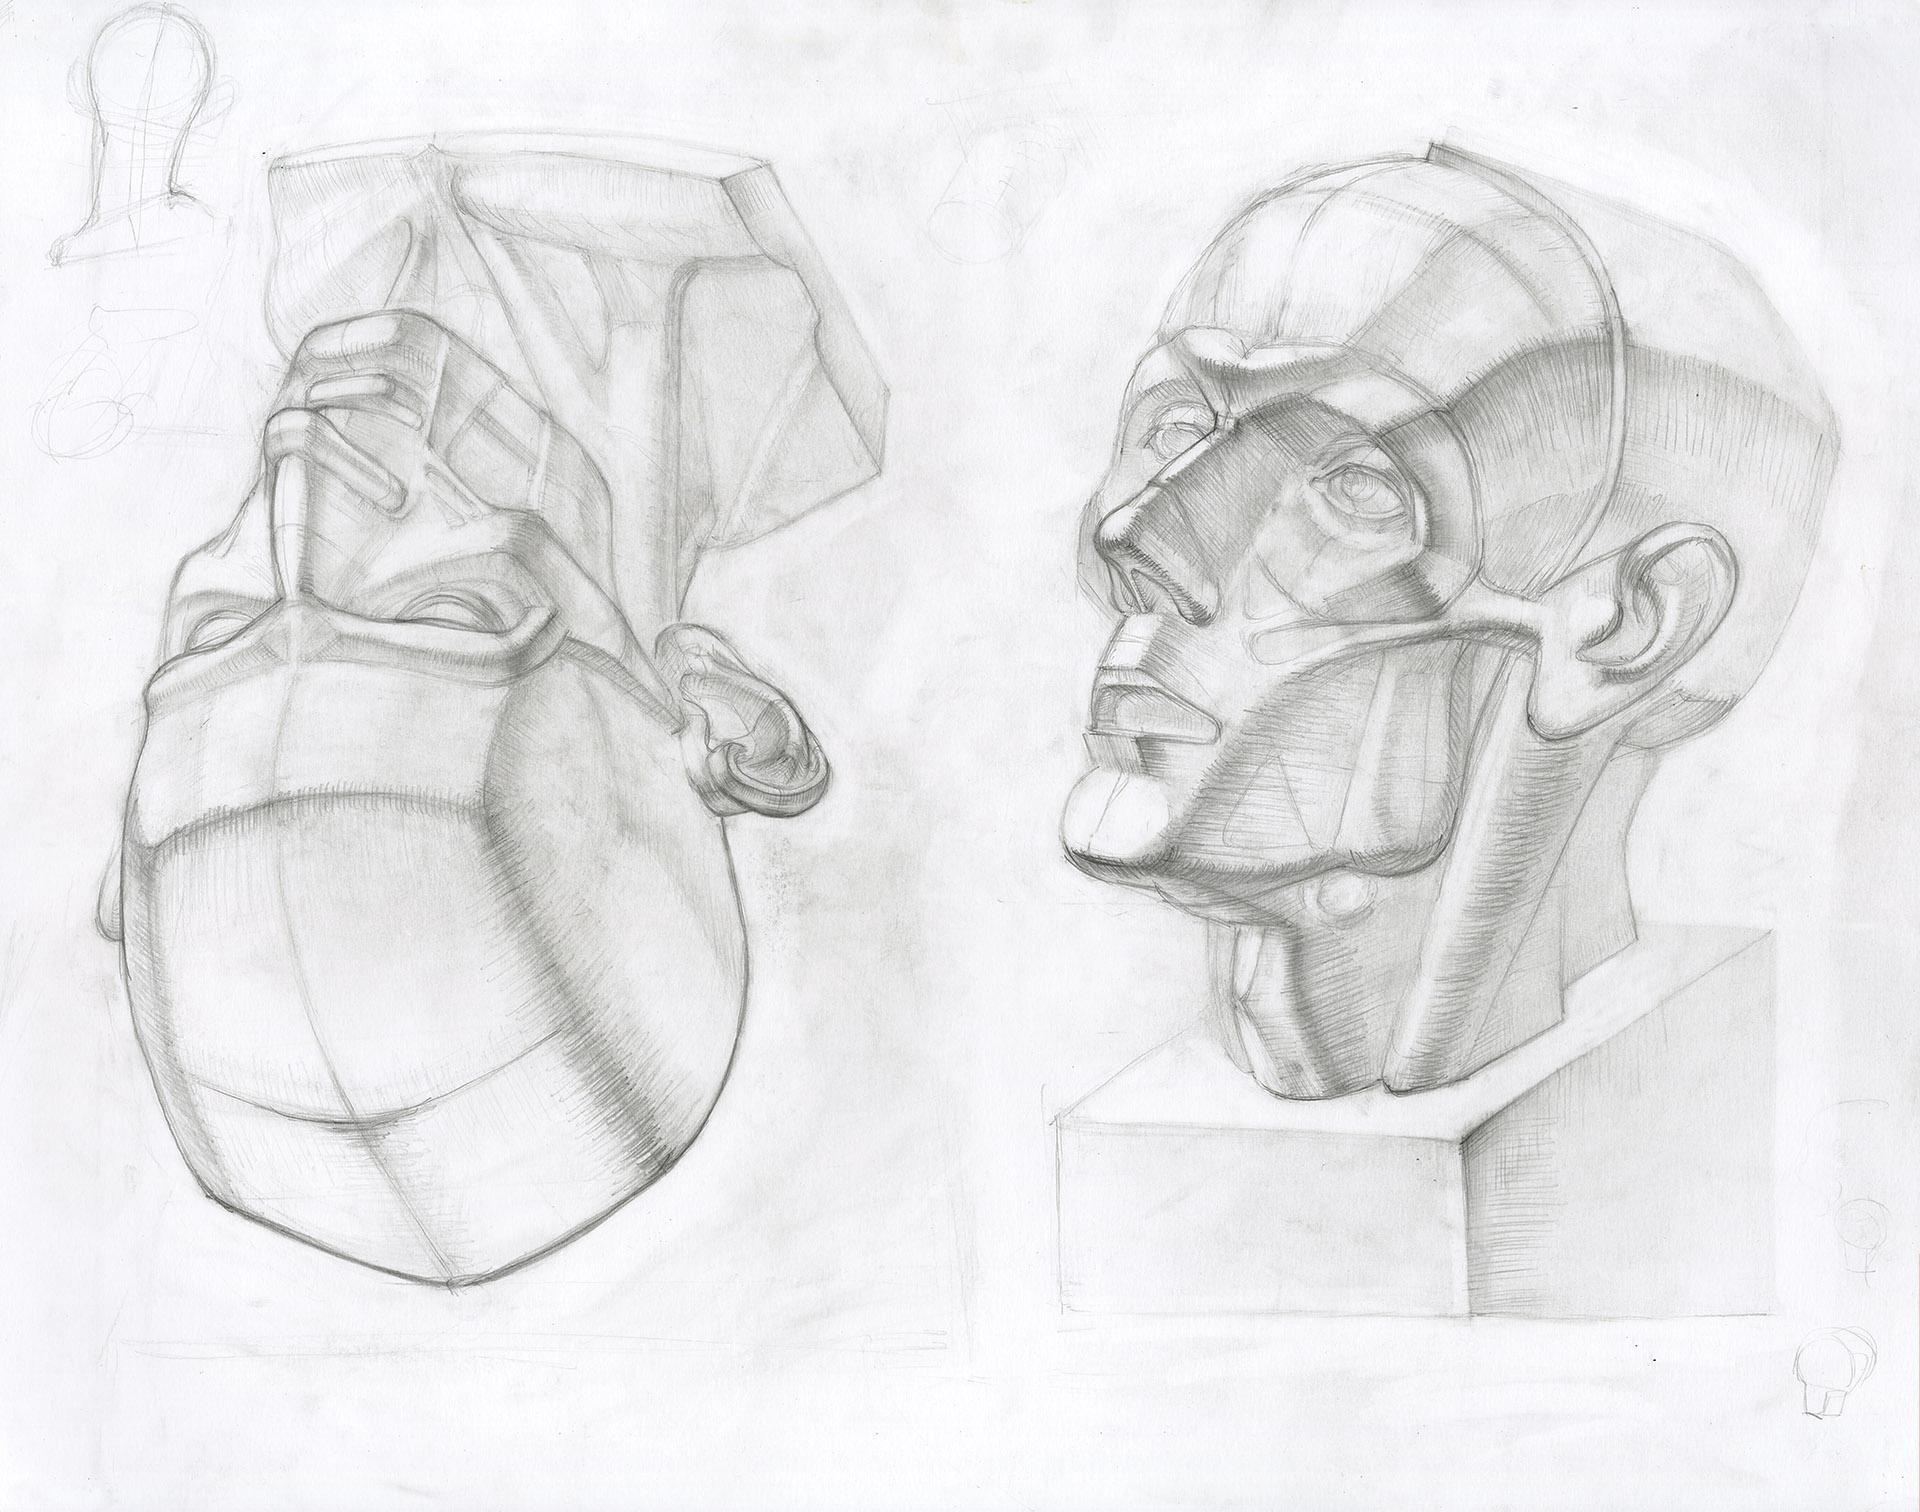 Ian-Nakamoto-Planar-Drawing-Academic-Study-Houdon-Corpse-Flayed-Bust-1920